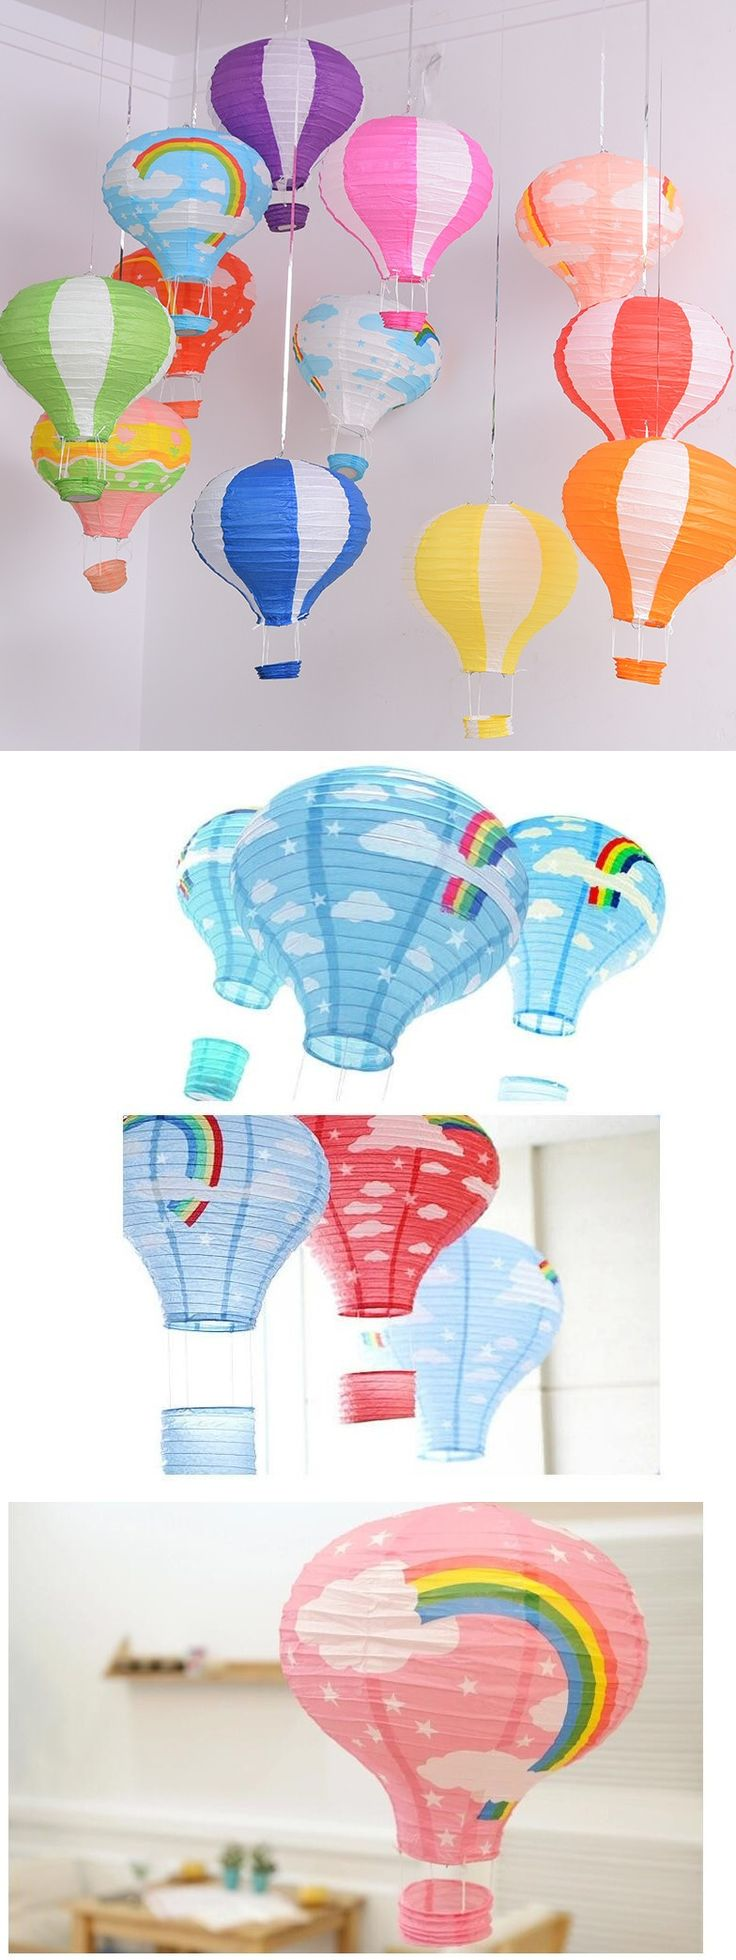 бумажные фонарики, классное украшение для дома, детской, торжества и просто для хорошего настроения!